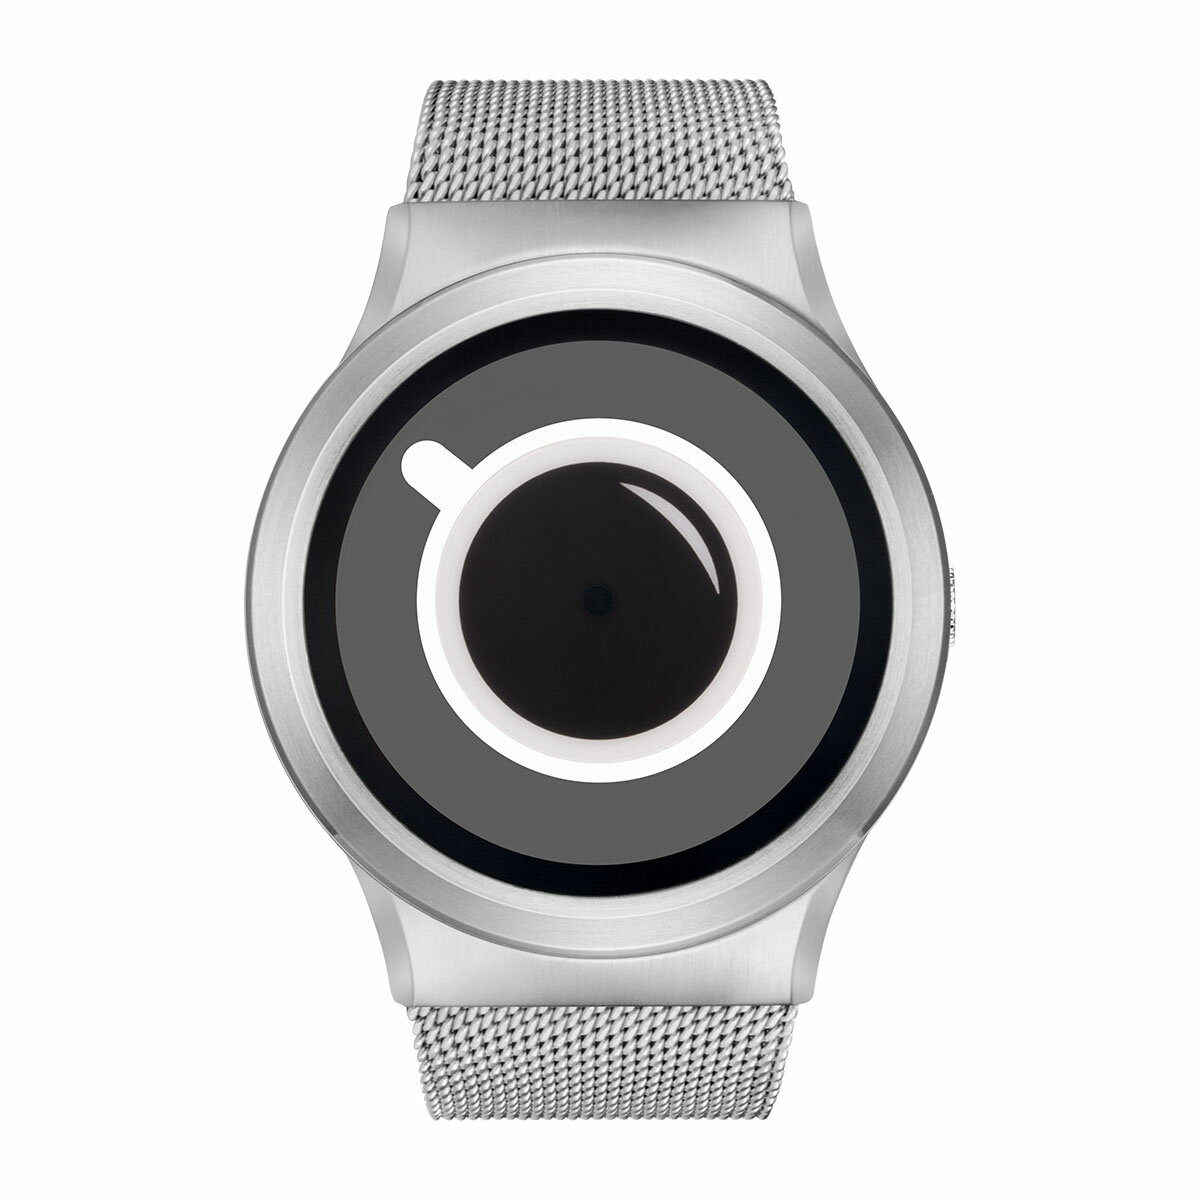 ZEROO COFFEE TIME ゼロ 電池式クォーツ 腕時計 [W03010B01SM01] ホワイト デザインウォッチ ペア用 メンズ レディース ユニセックス おしゃれ時計 デザイナーズ